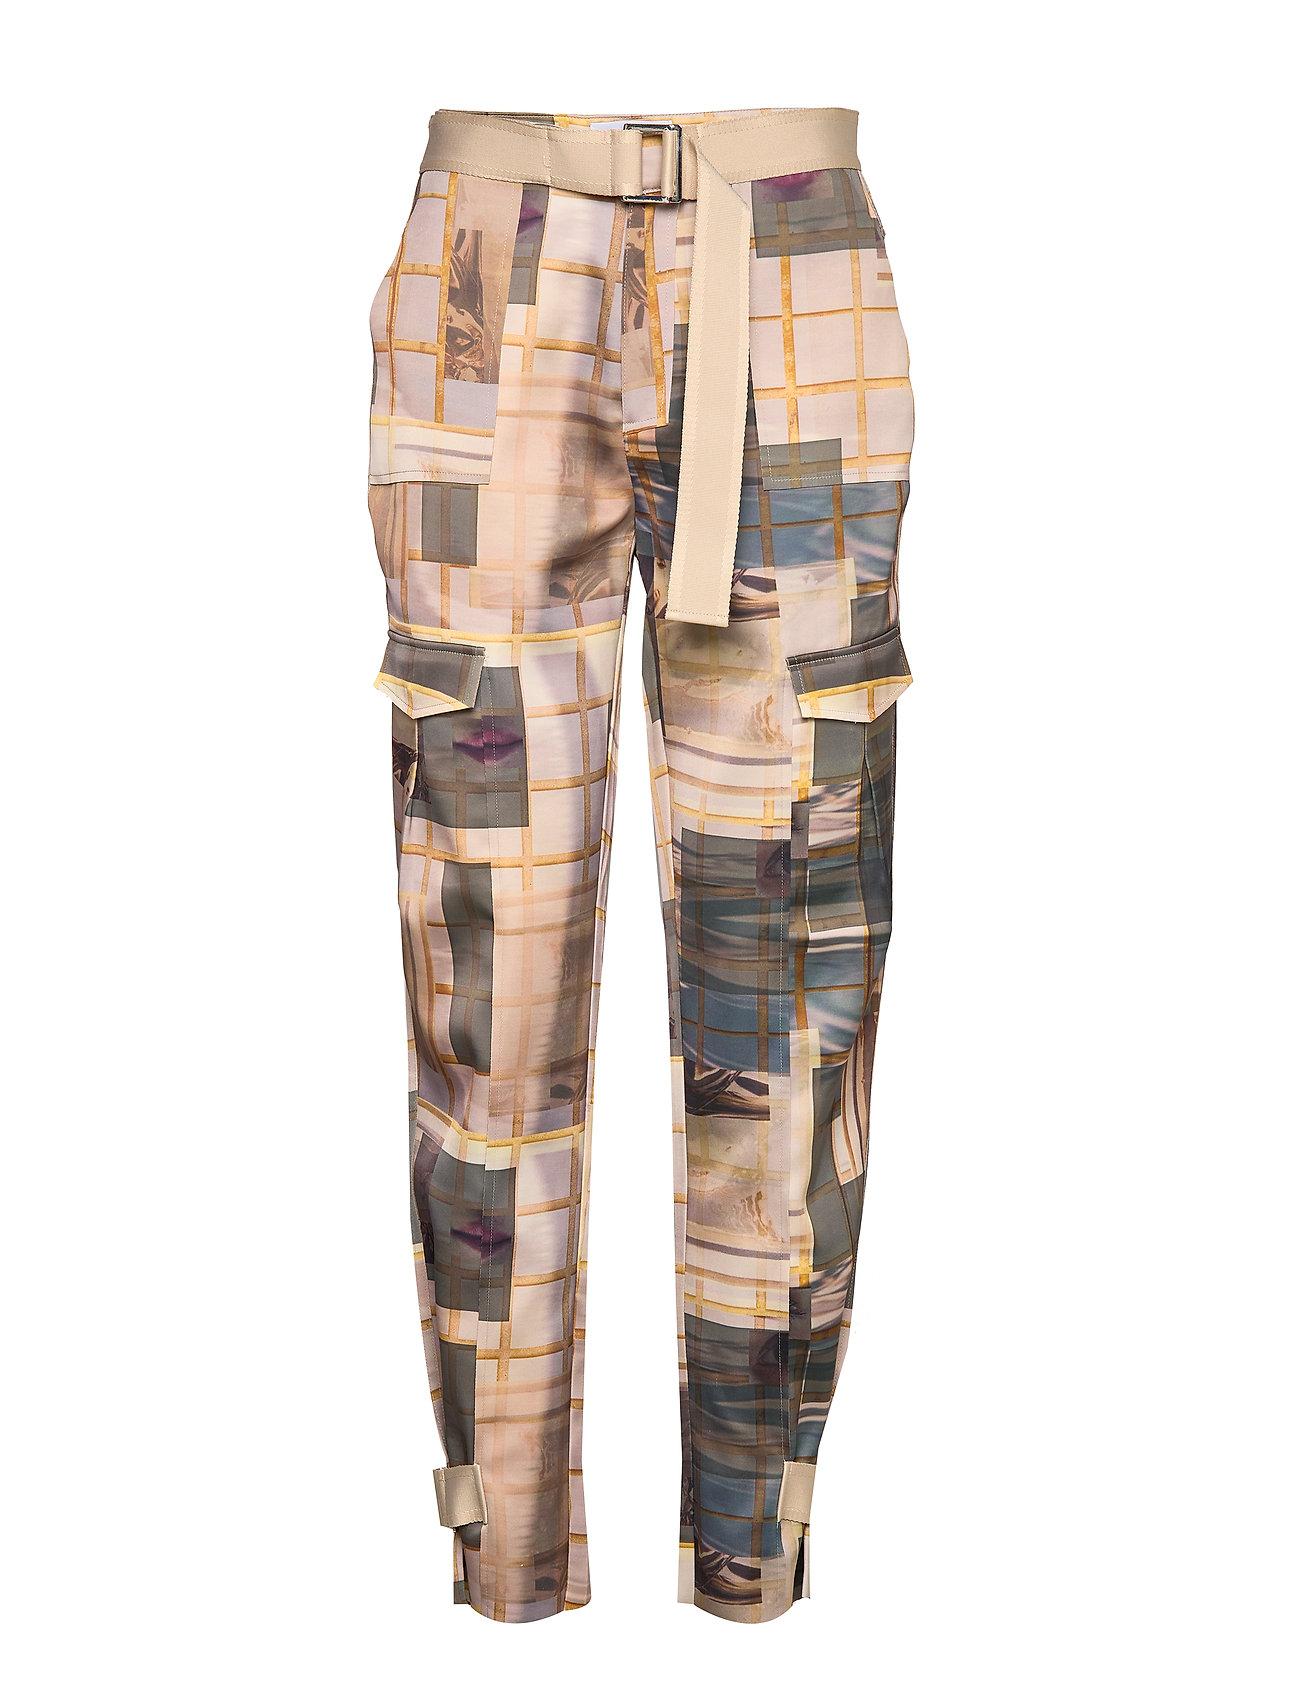 Image of Skunk Polyester 19-04 Bukser Med Lige Ben Multi/mønstret HOLZWEILER (3237675811)